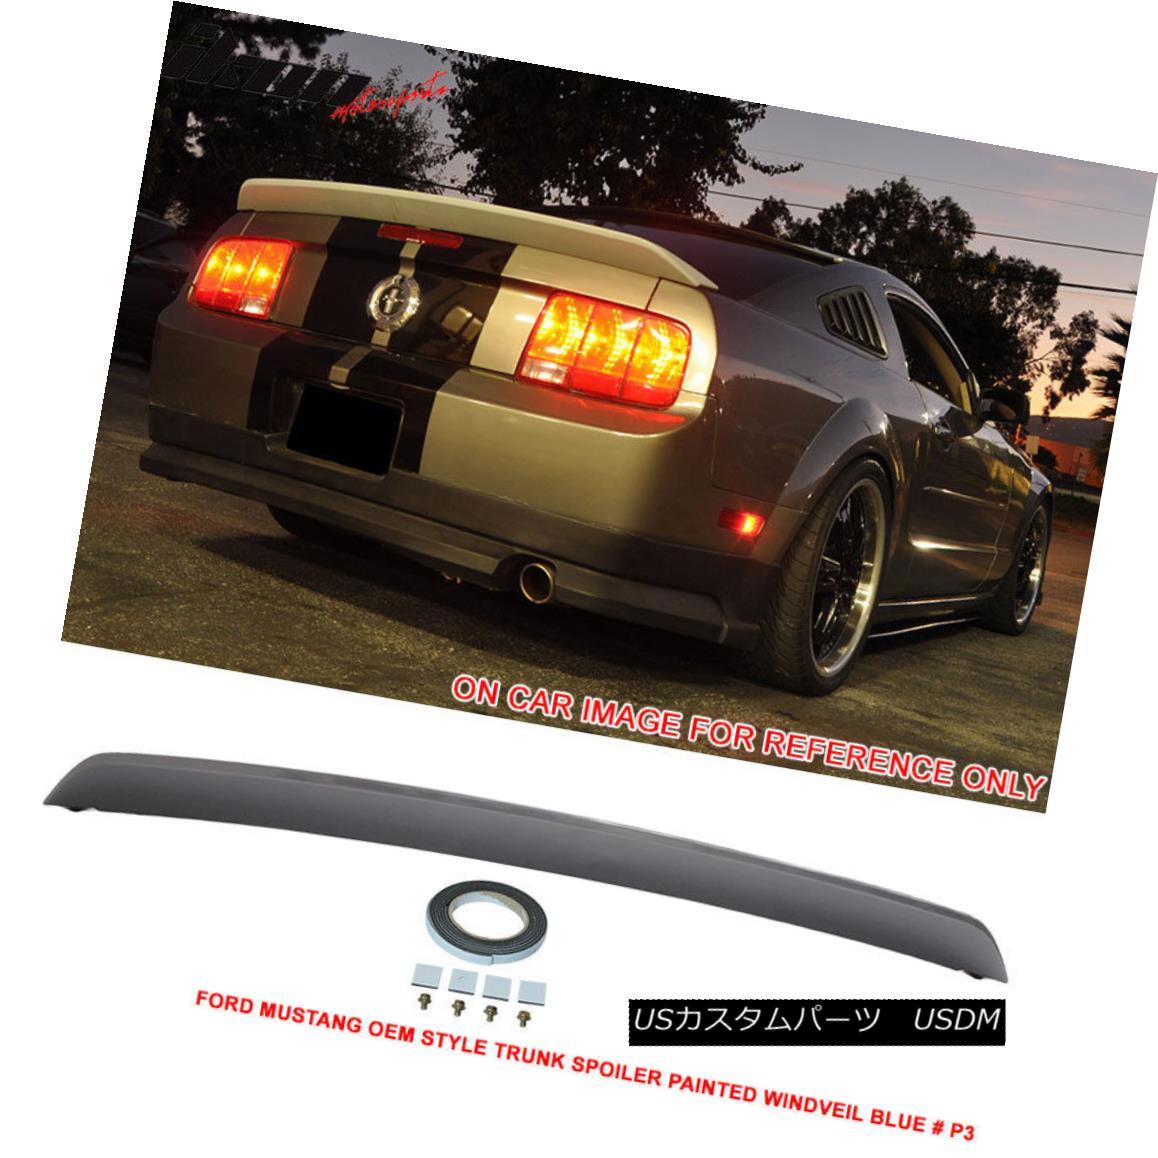 エアロパーツ Fit For 05-09 Ford Mustang Trunk Spoiler Painted Windveil Blue # P3 - ABS 05-09 Ford Mustangトランク・スポイラー・フォー・ウィンドーヴェルブルー#P3 - ABS